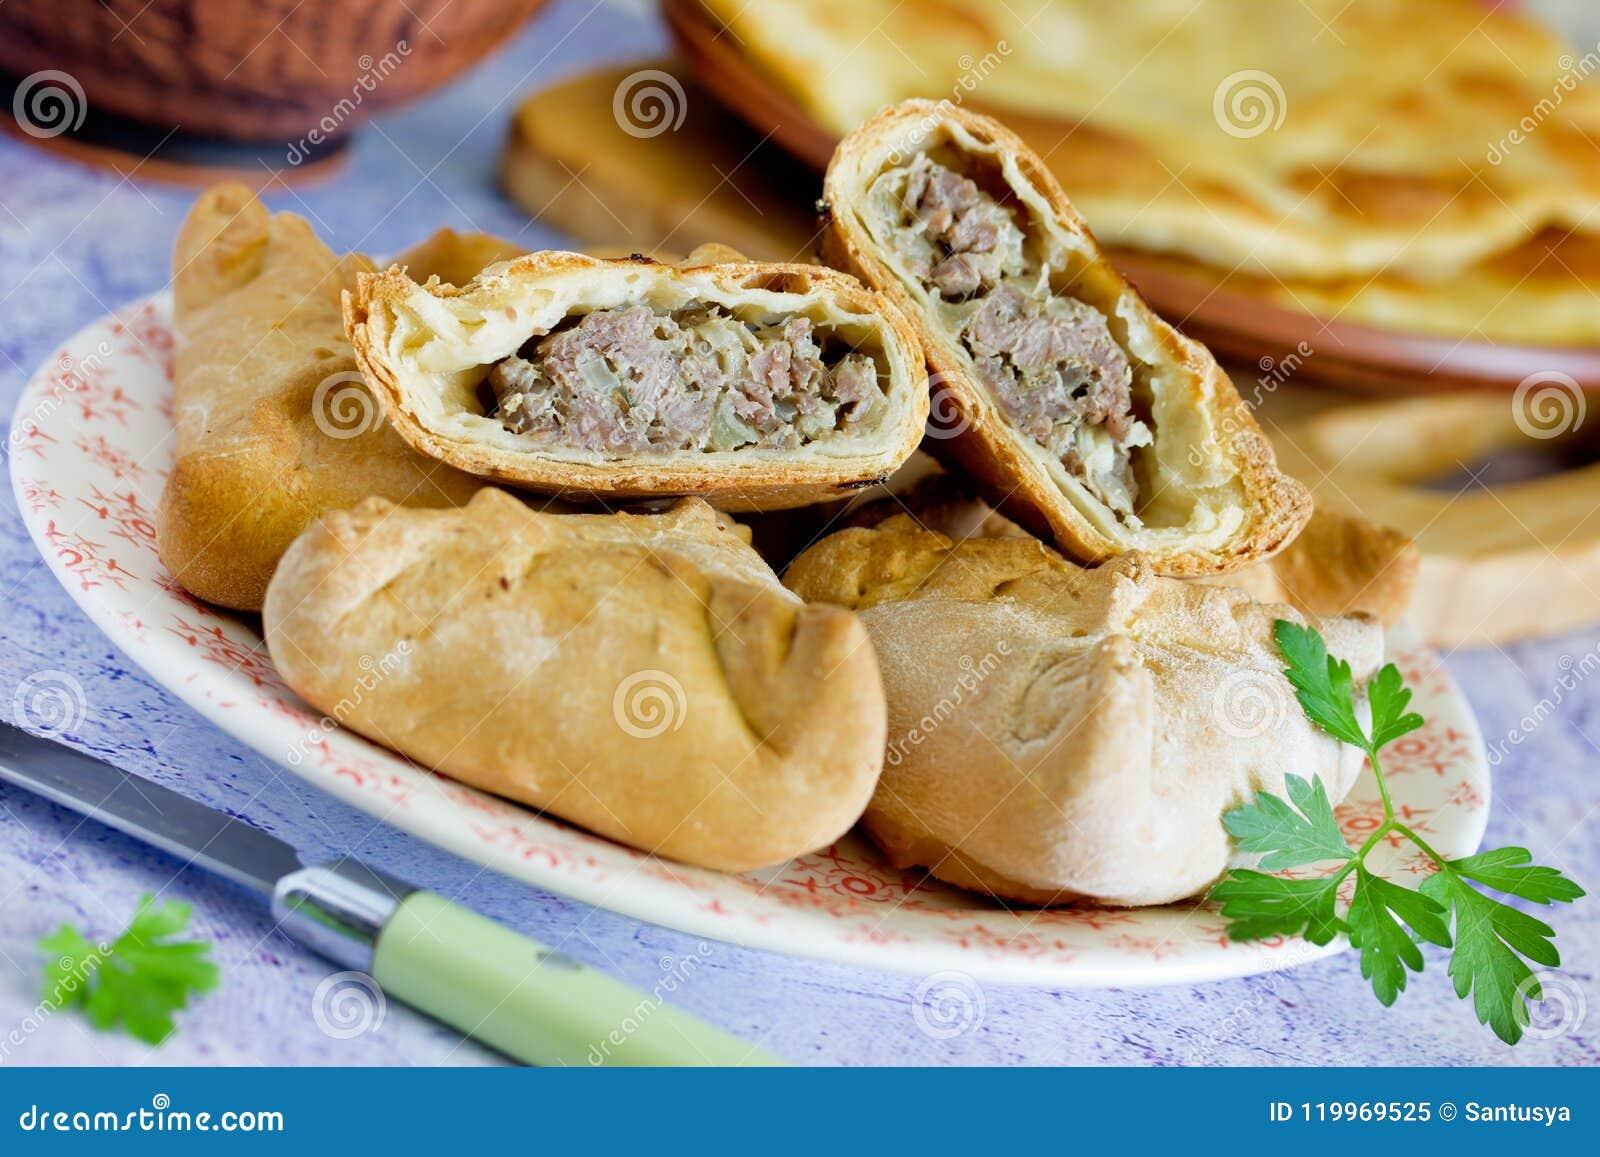 Samosa Samosa Samosas Sambusa Somsa Stockbild Bild Von Eingeburgert Brot 119969525